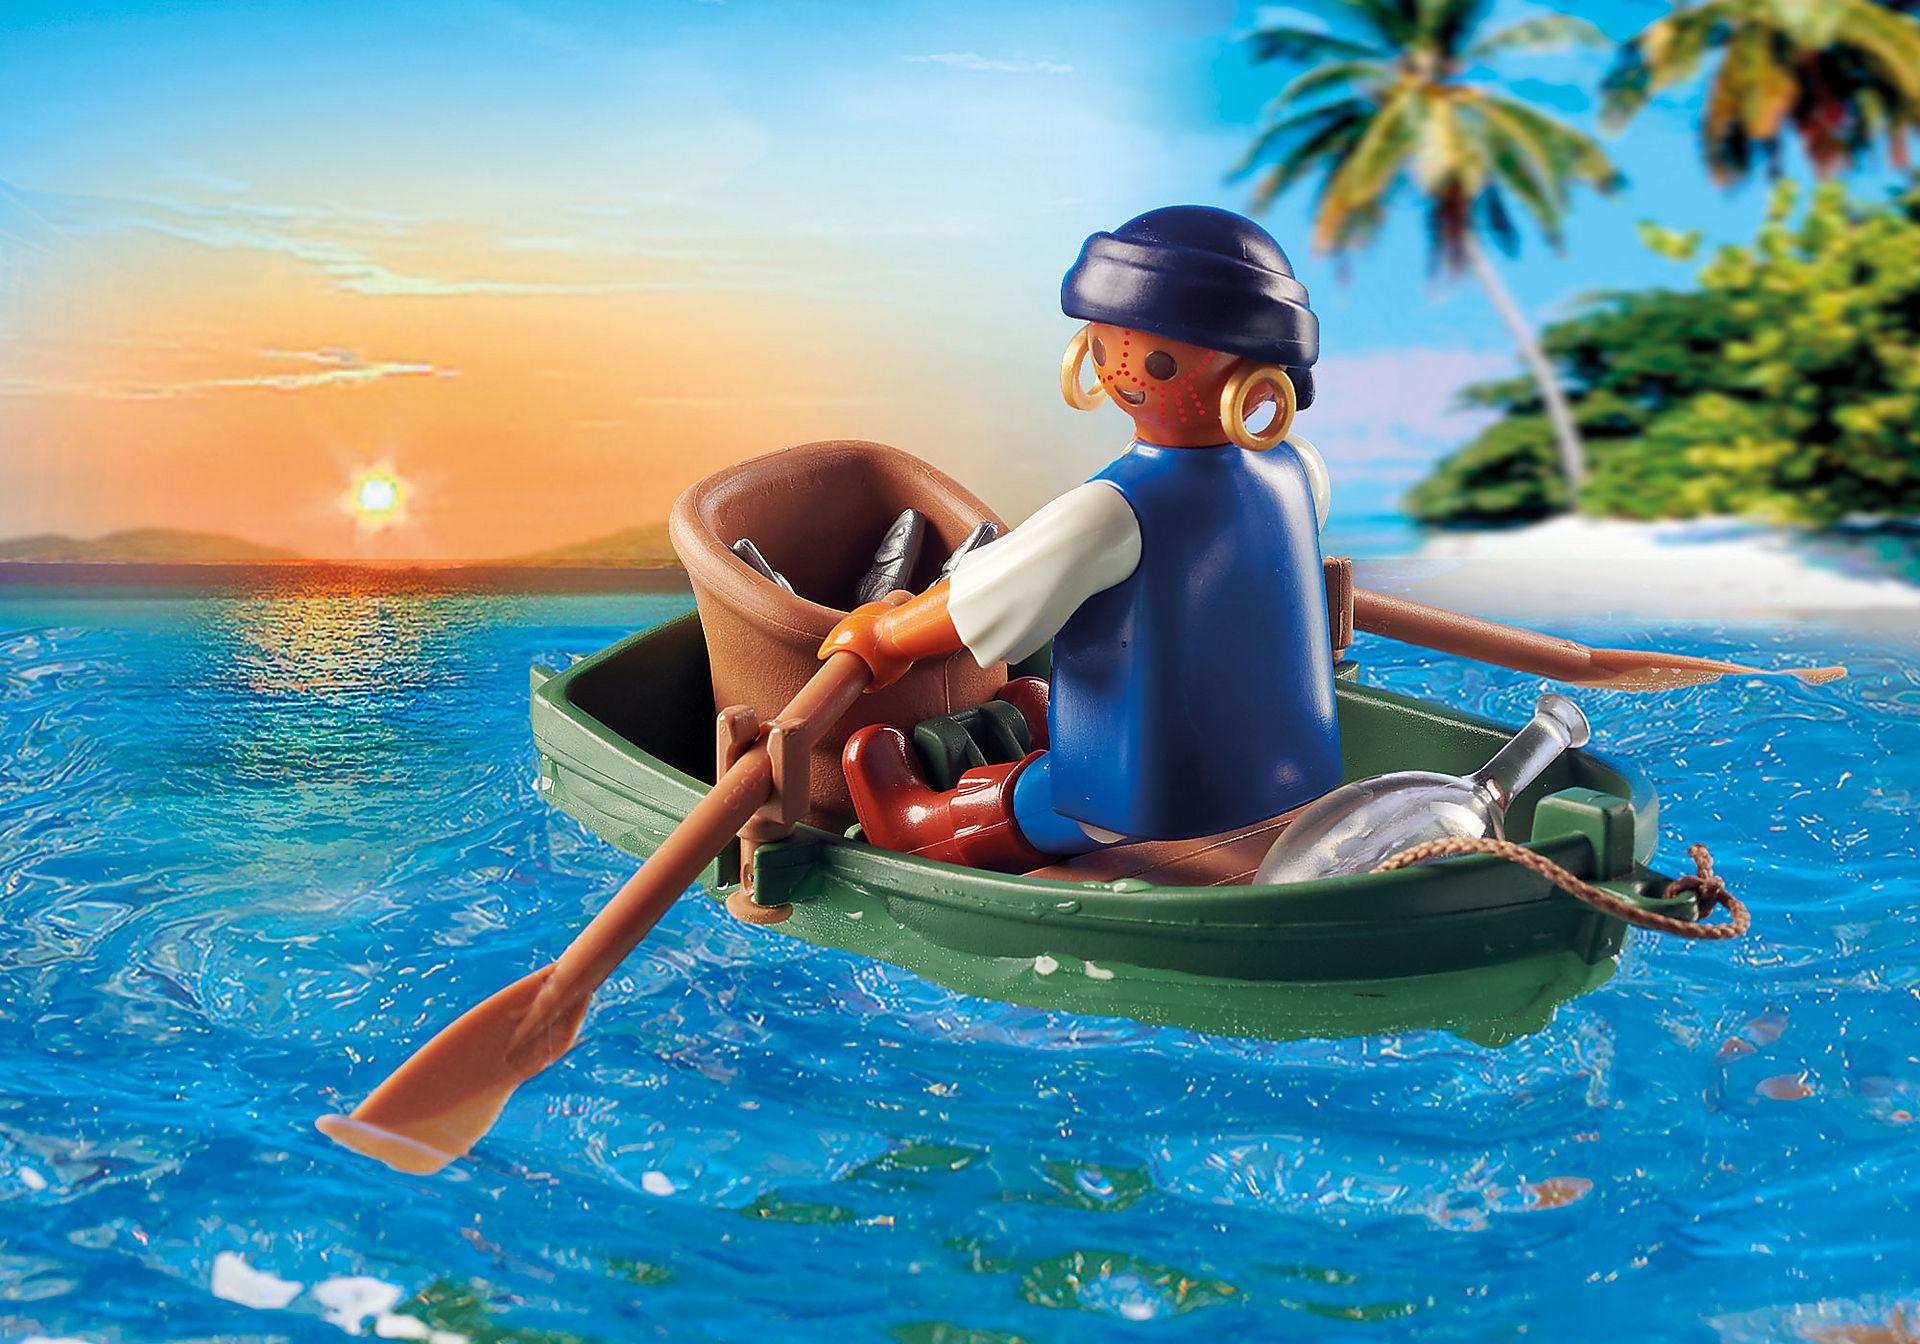 70150 Maleta Ilha dos Piratas  zoom image5